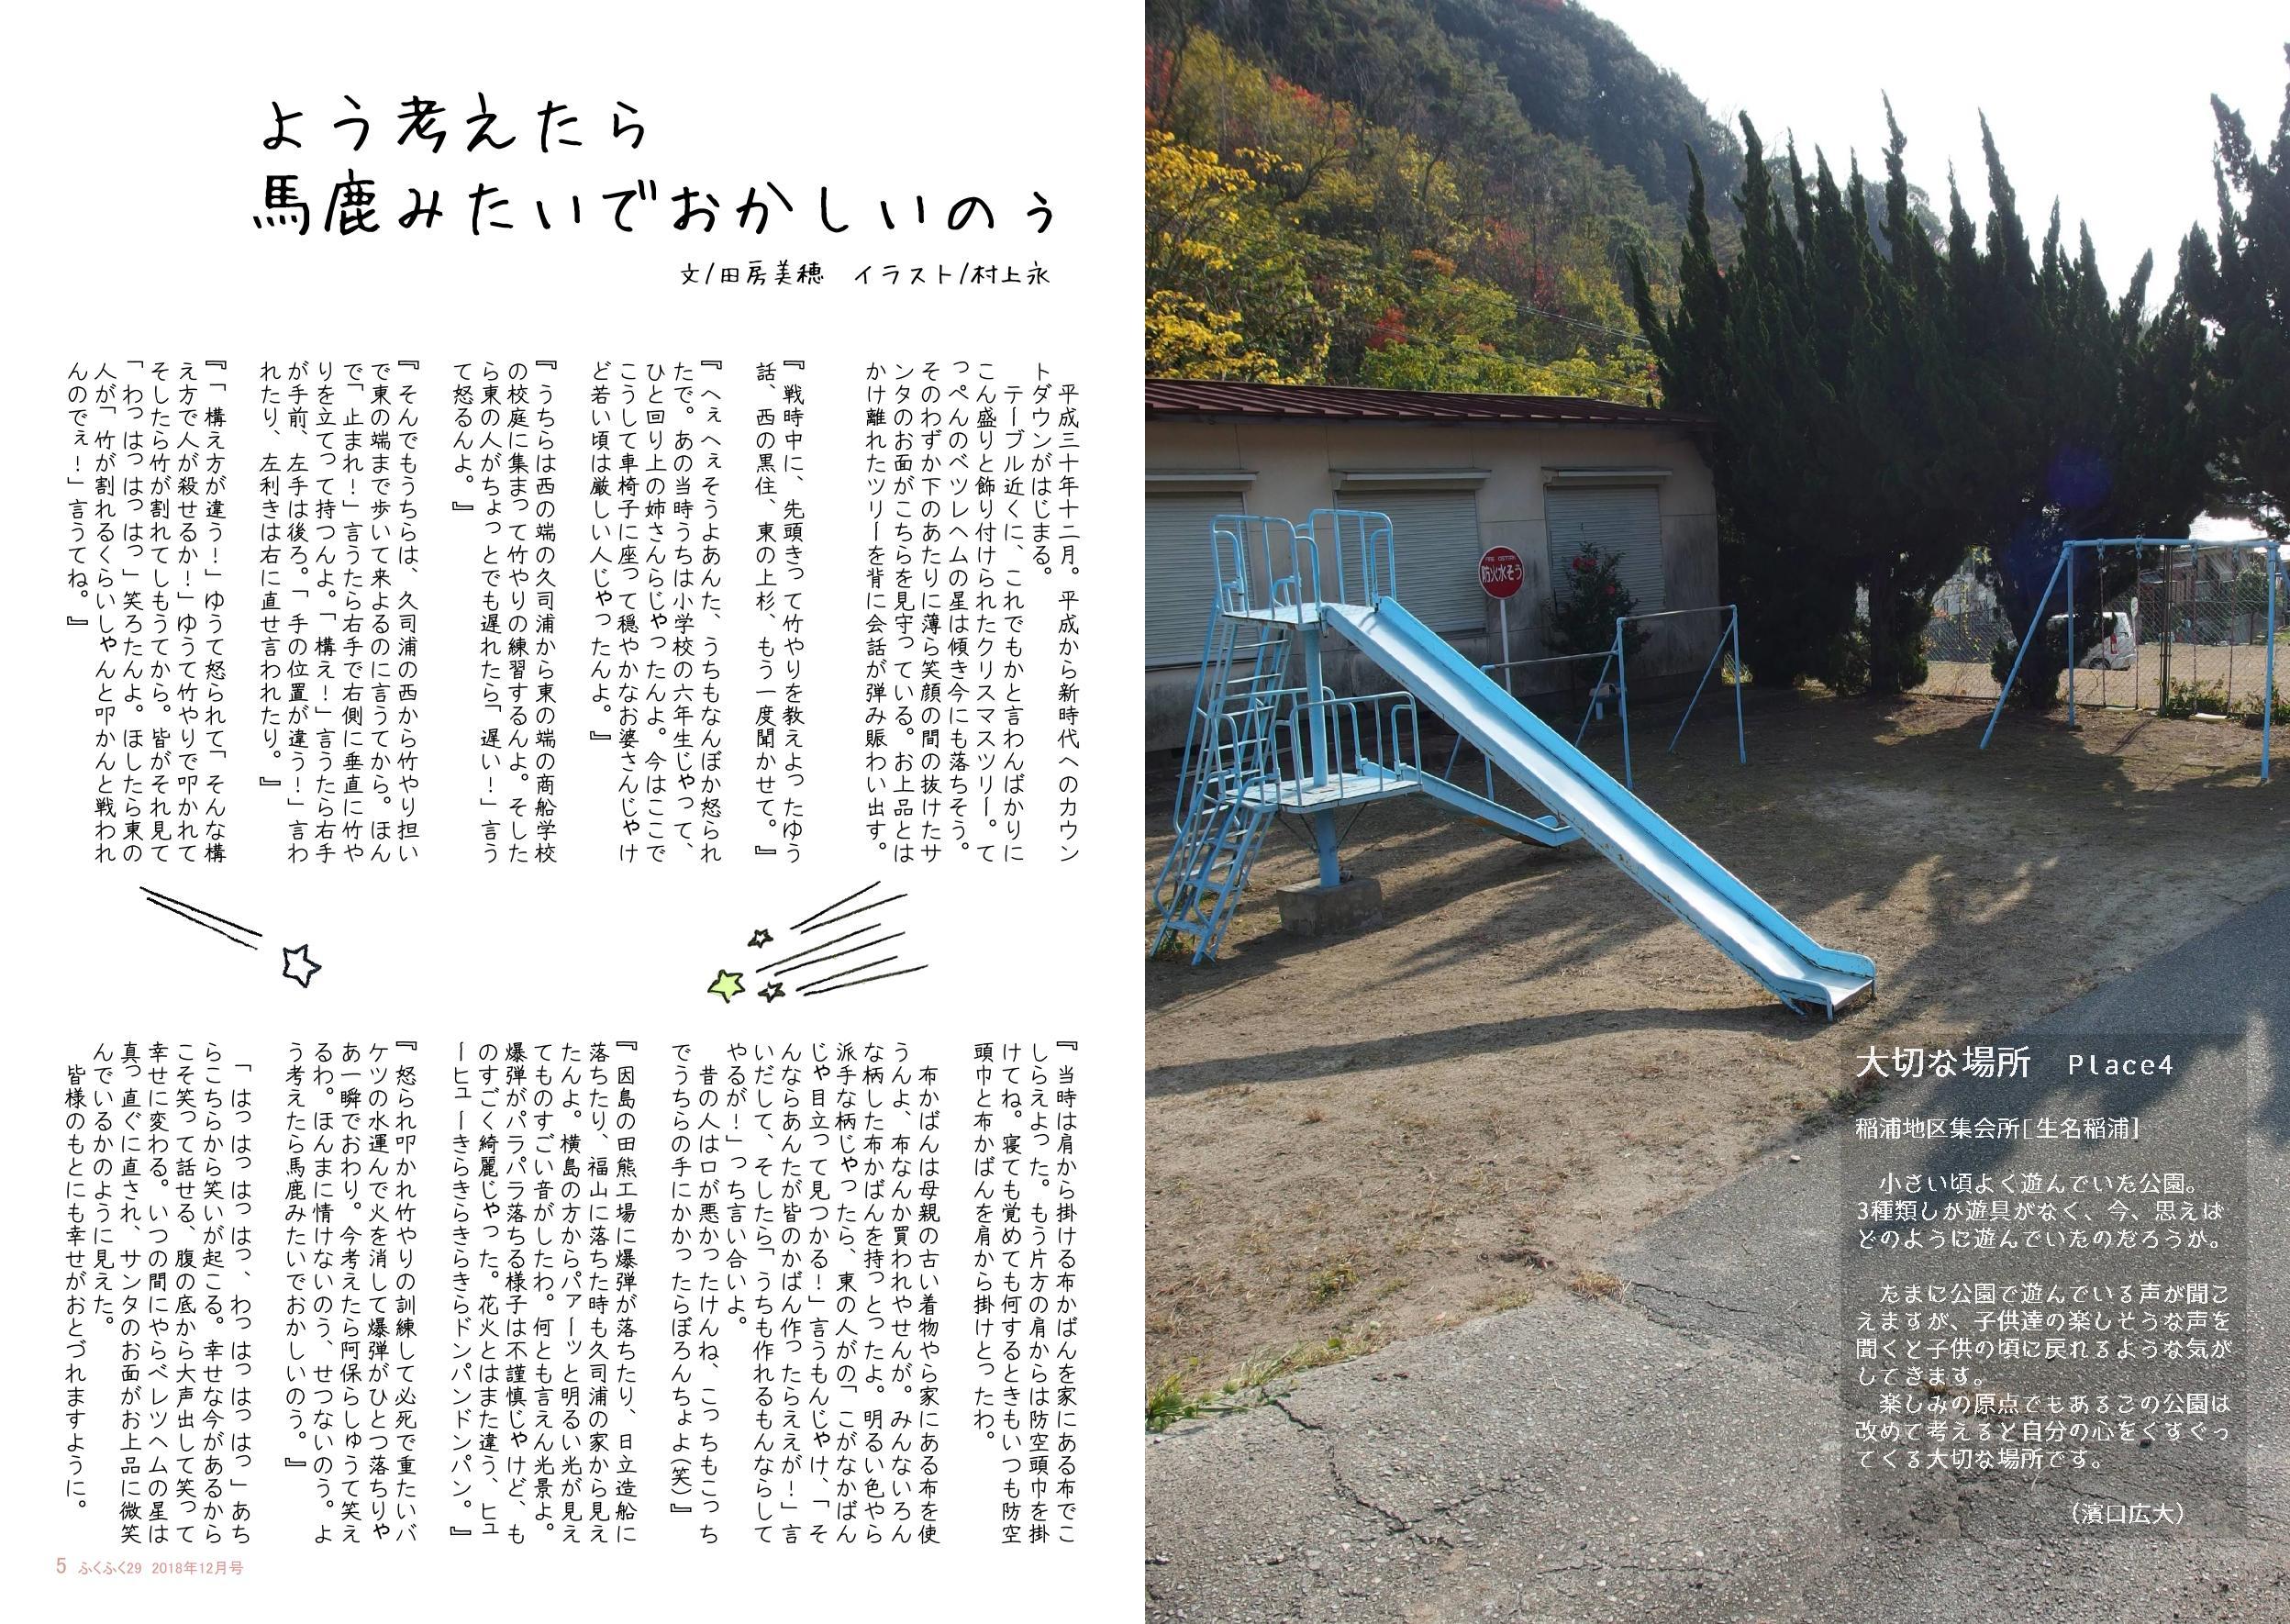 http://fukufukunokai.com/newsletter/images/12%E6%9C%88%E5%8F%B7%E5%85%A5%E7%A8%BF%E3%83%87%E3%83%BC%E3%82%BF_cropped_3.jpeg